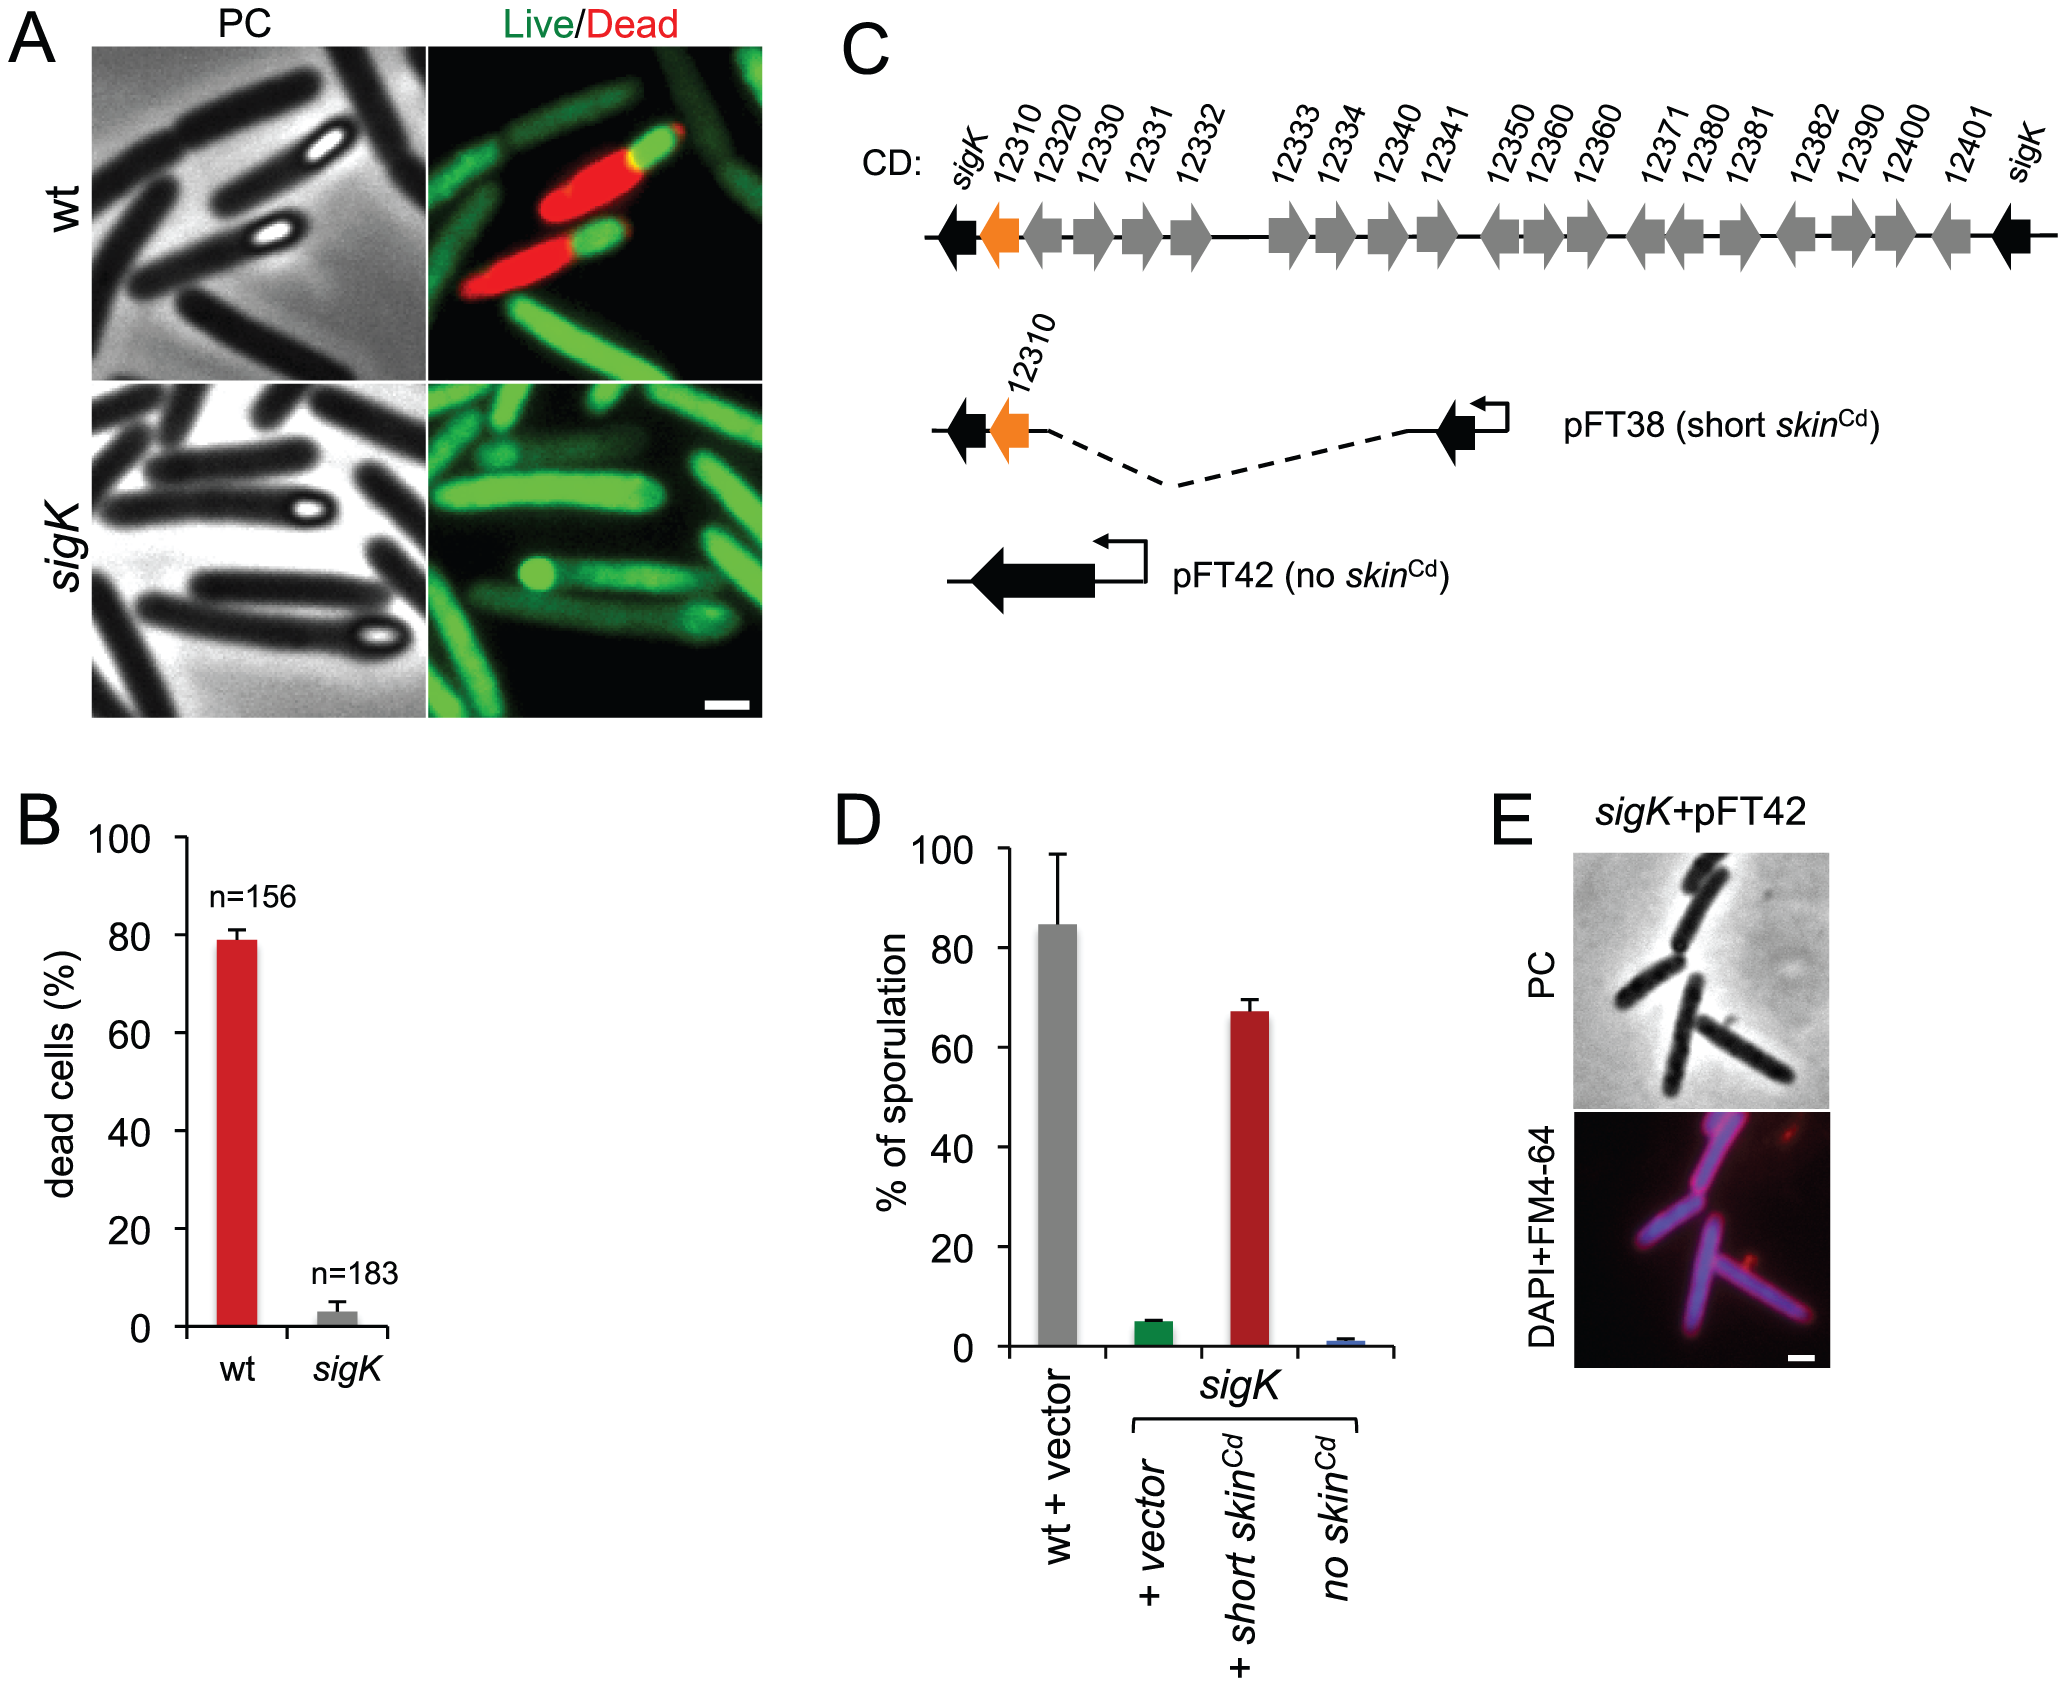 Functional analysis of the <i>sigK</i> gene.